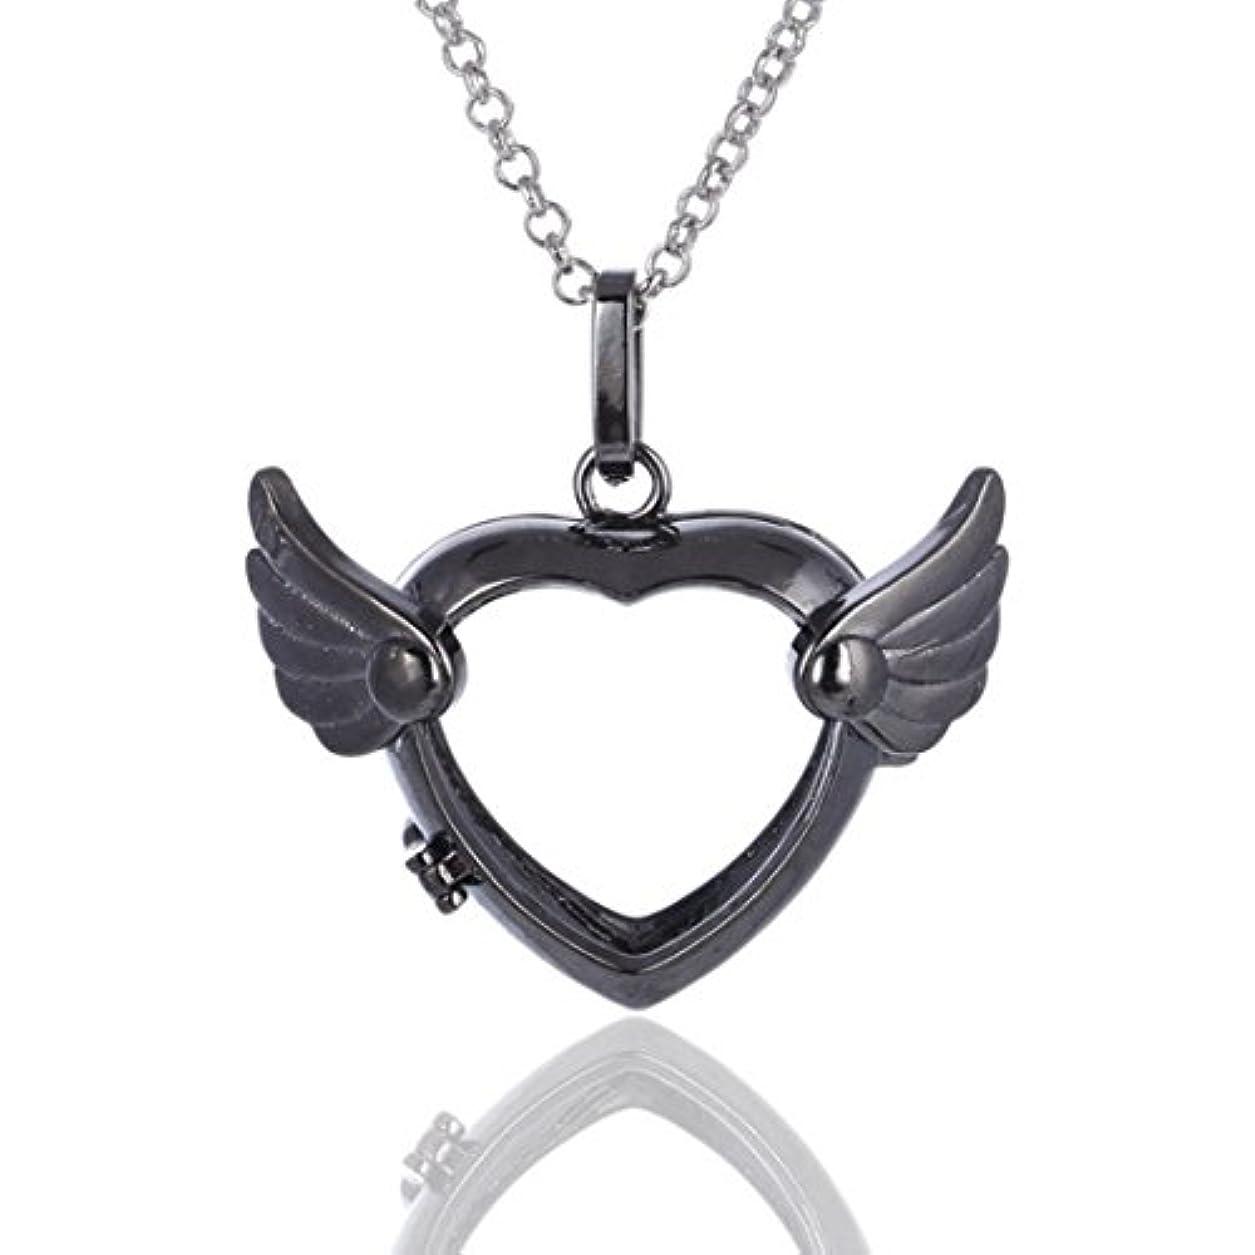 親愛なコンパイルラジカルLove Heart Angel Wingsロケットペンダント、Aromatherapy Essential Oil Diffuserネックレス、シルバー、ブラック、ゴールド